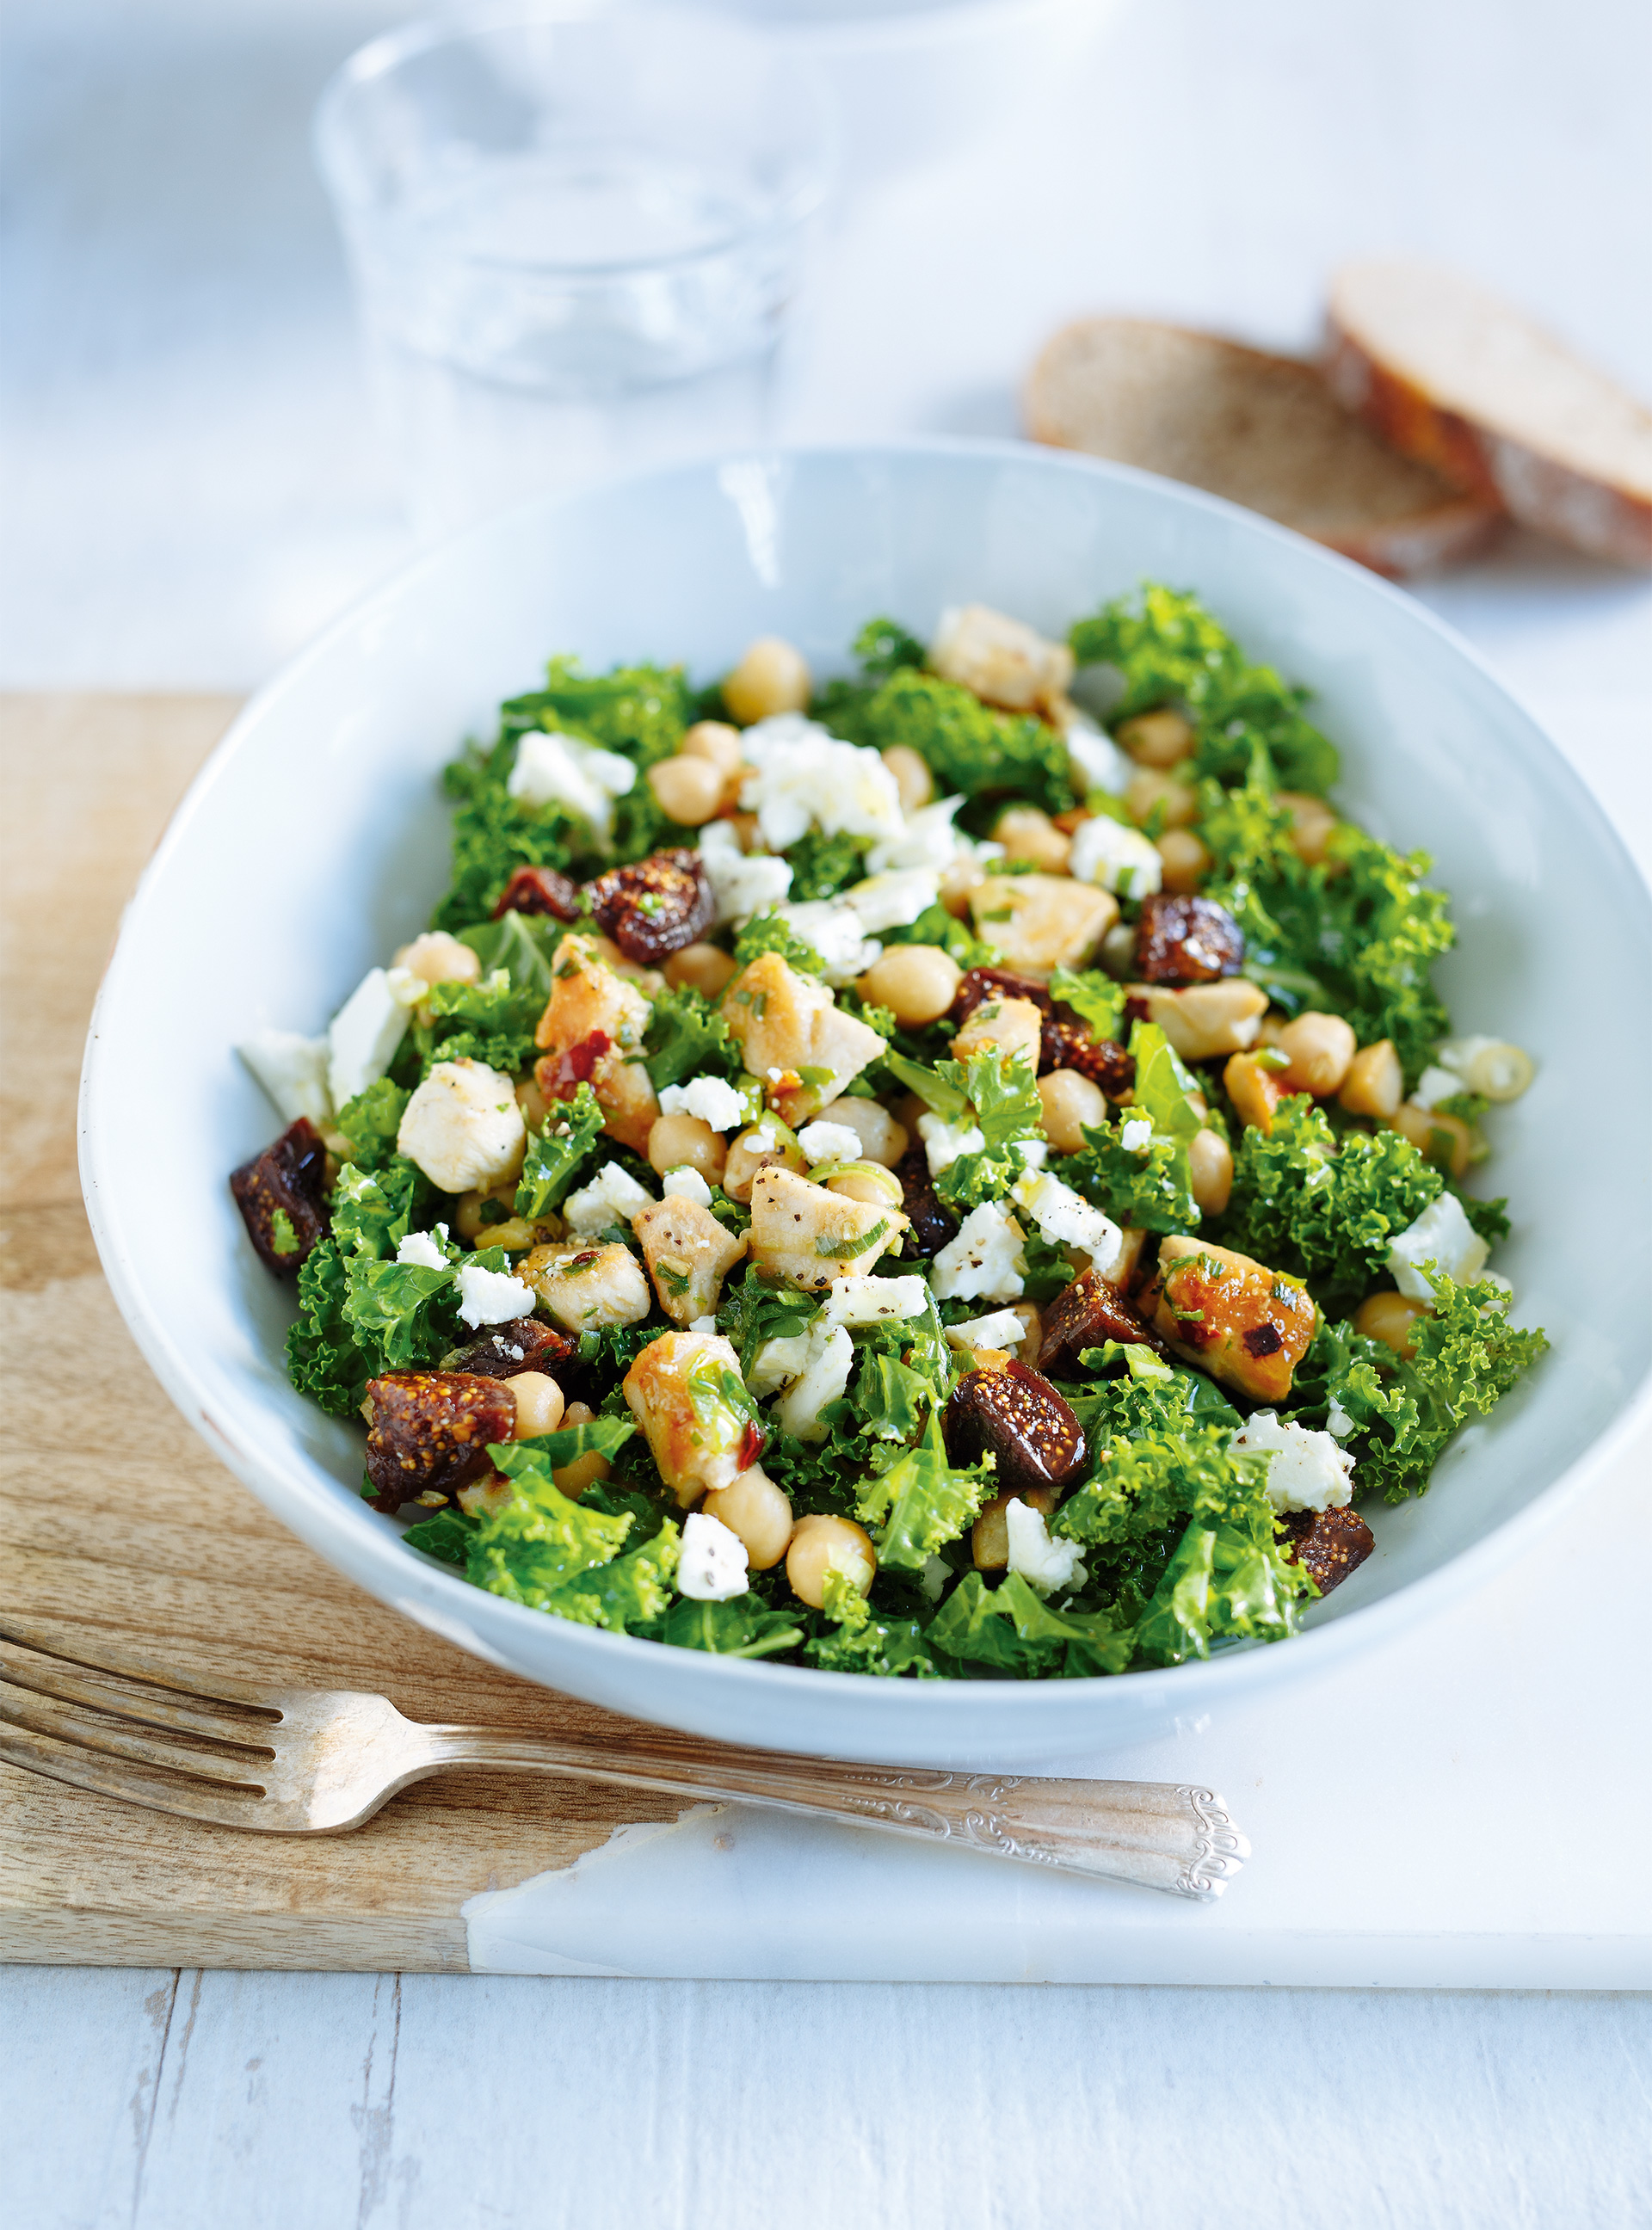 Salade de kale au poulet et aux figues | ricardo